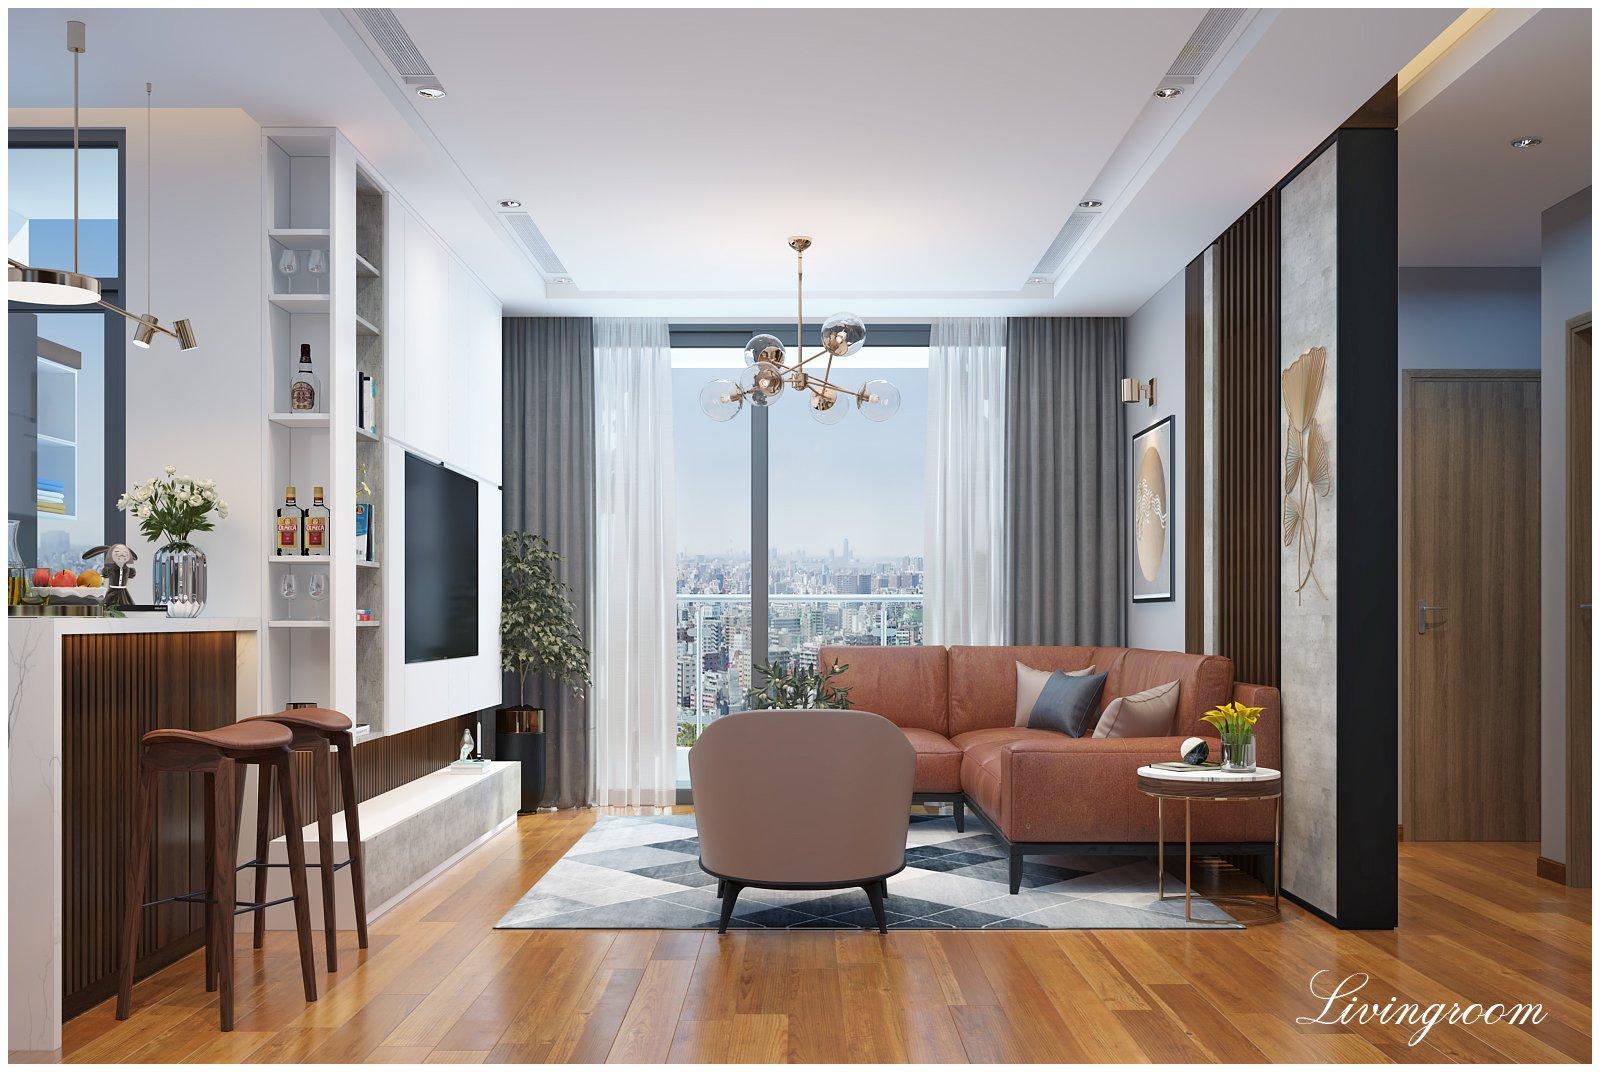 Thiết kế thi công nội thất chung cư hiện đại- Cốt lõi làm nên cái hồn của ngôi nhà